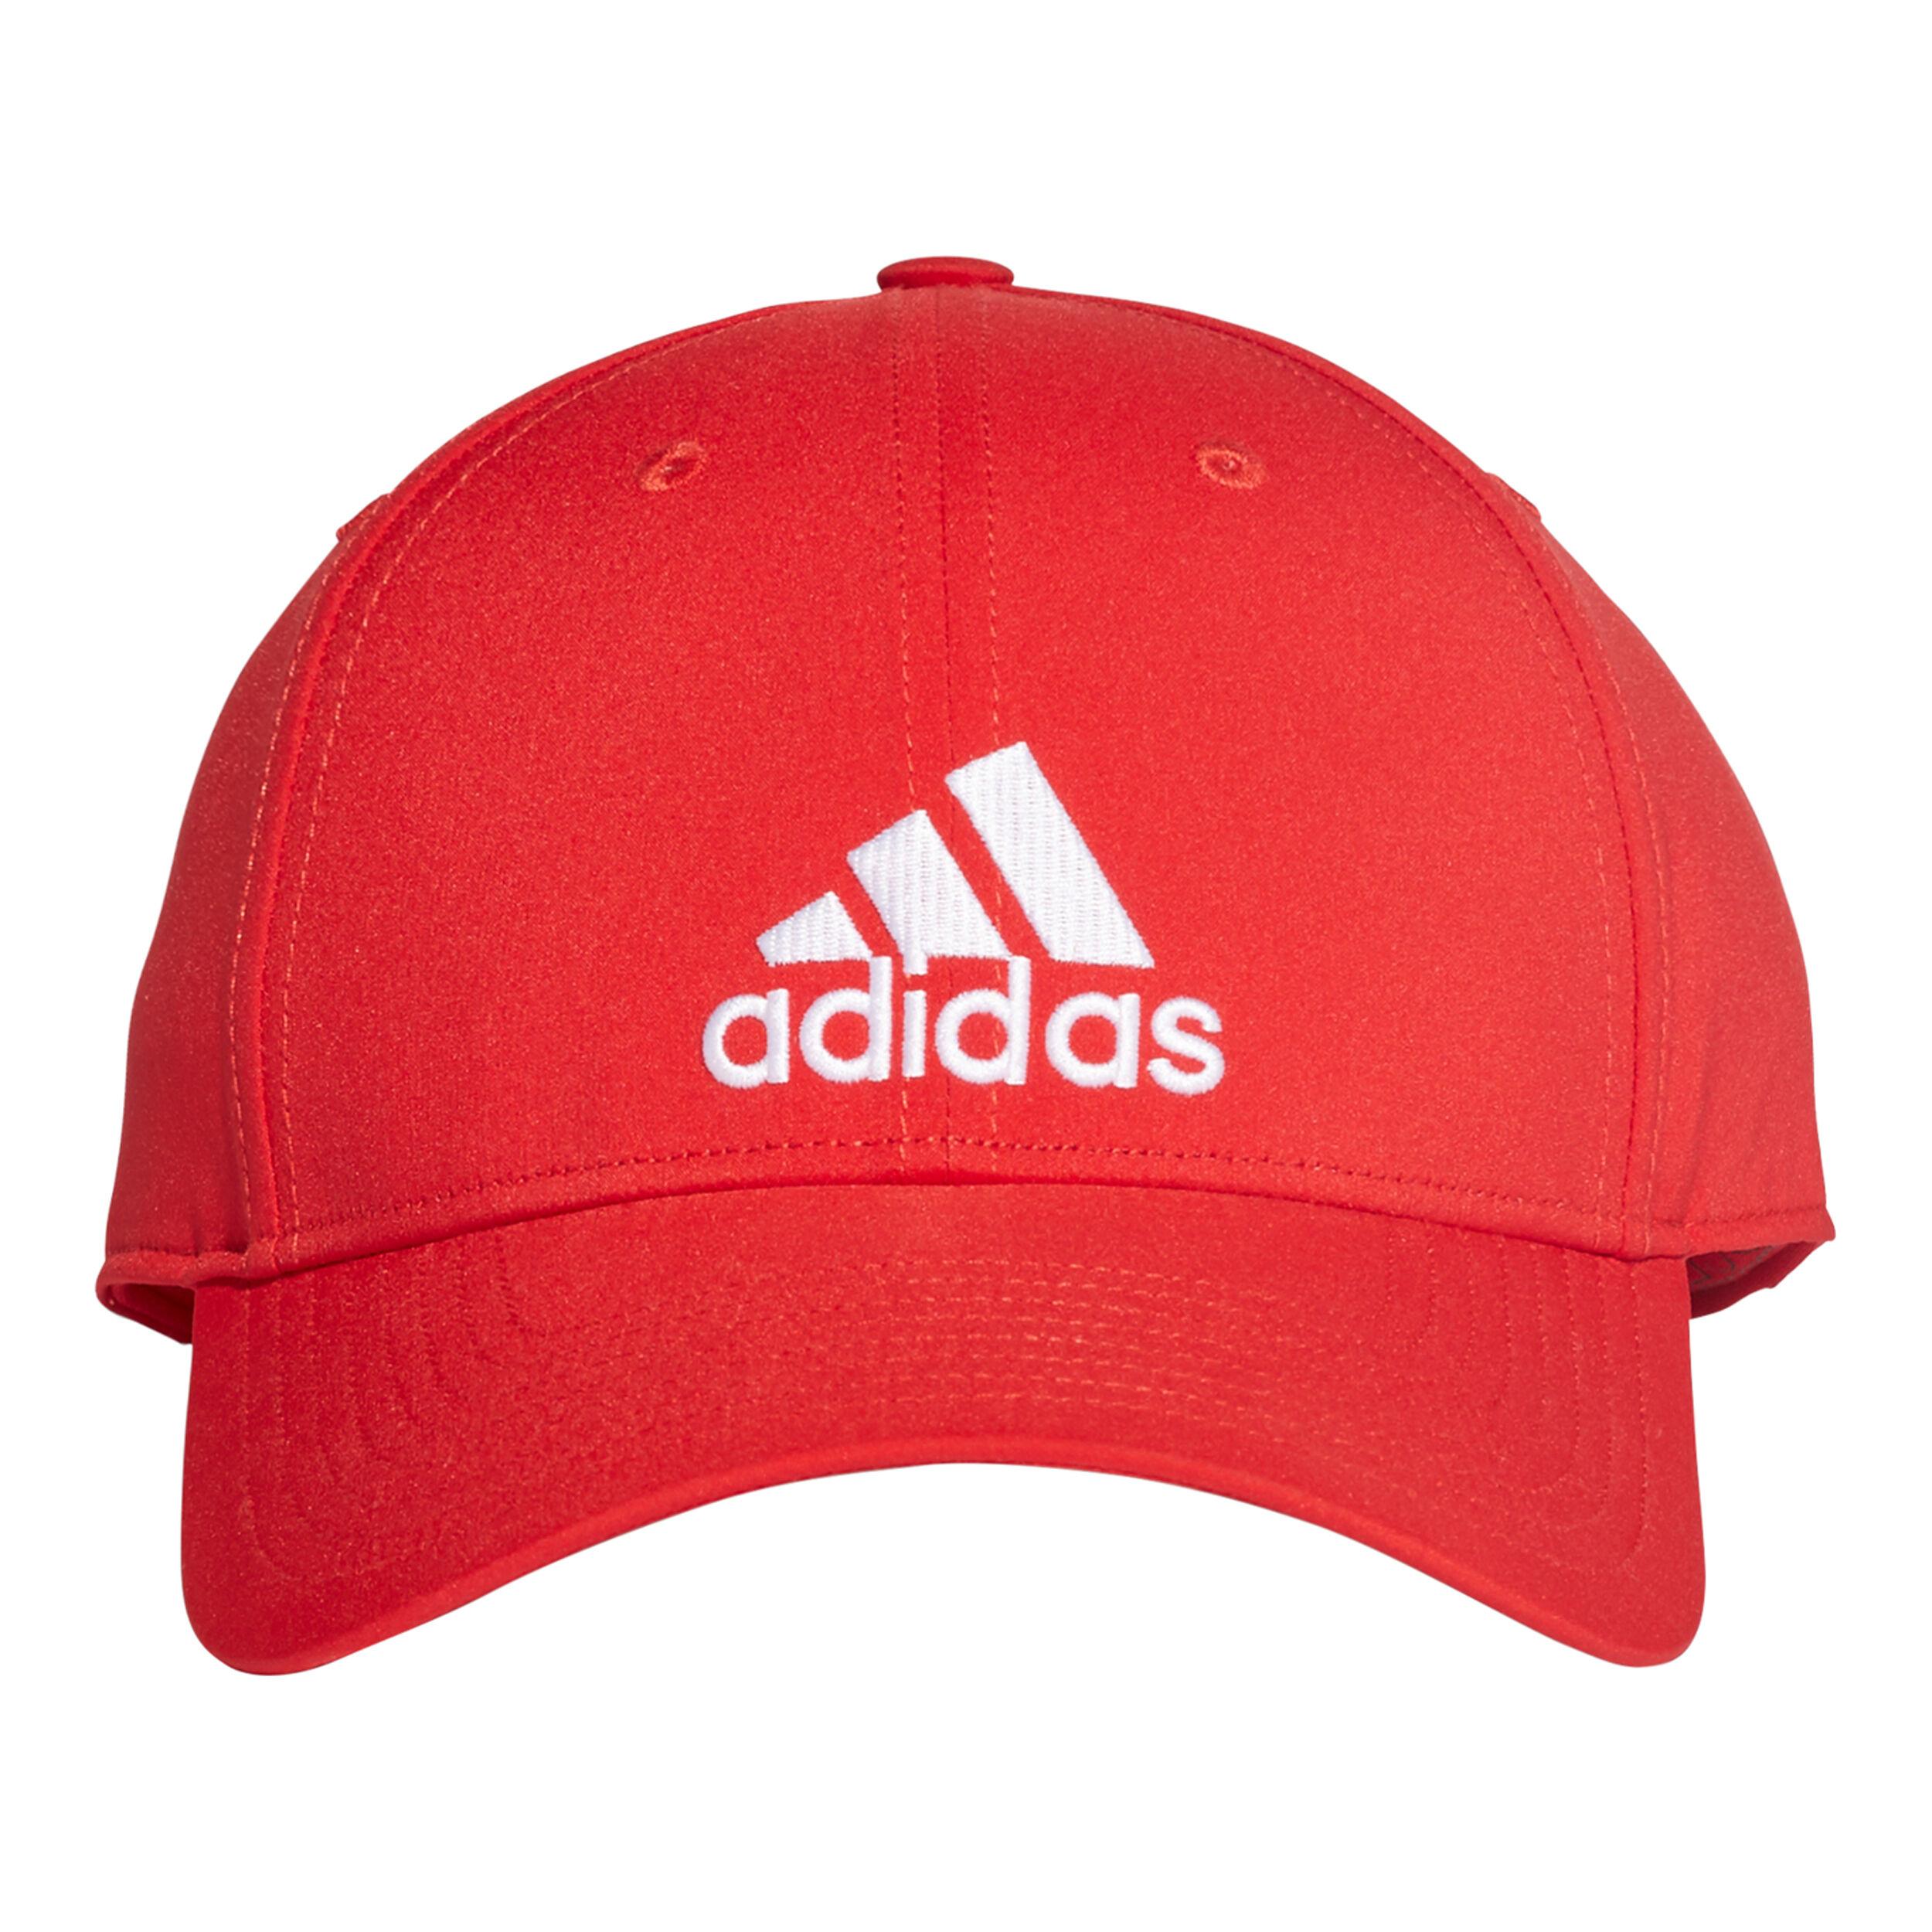 adidas 6 Panel Lightweight Cap Rot, Weiß online kaufen